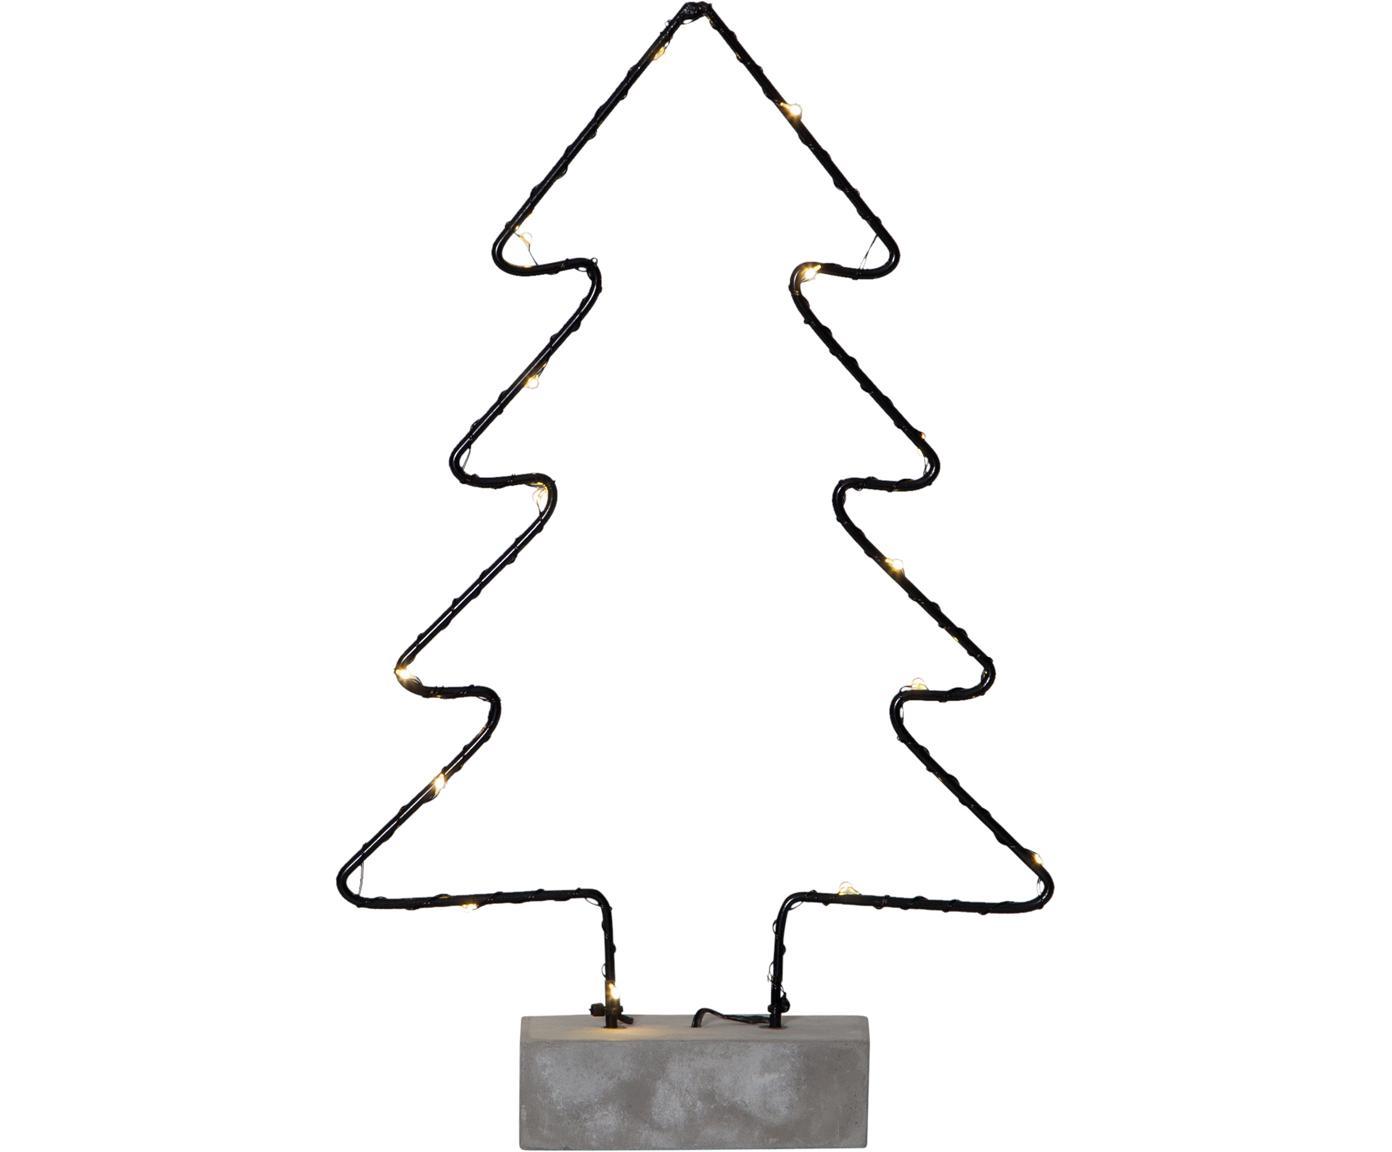 Lampa dekoracyjna LED zasilana na baterie Cemmy, Czarny, szary beton, S 23 x W 35 cm